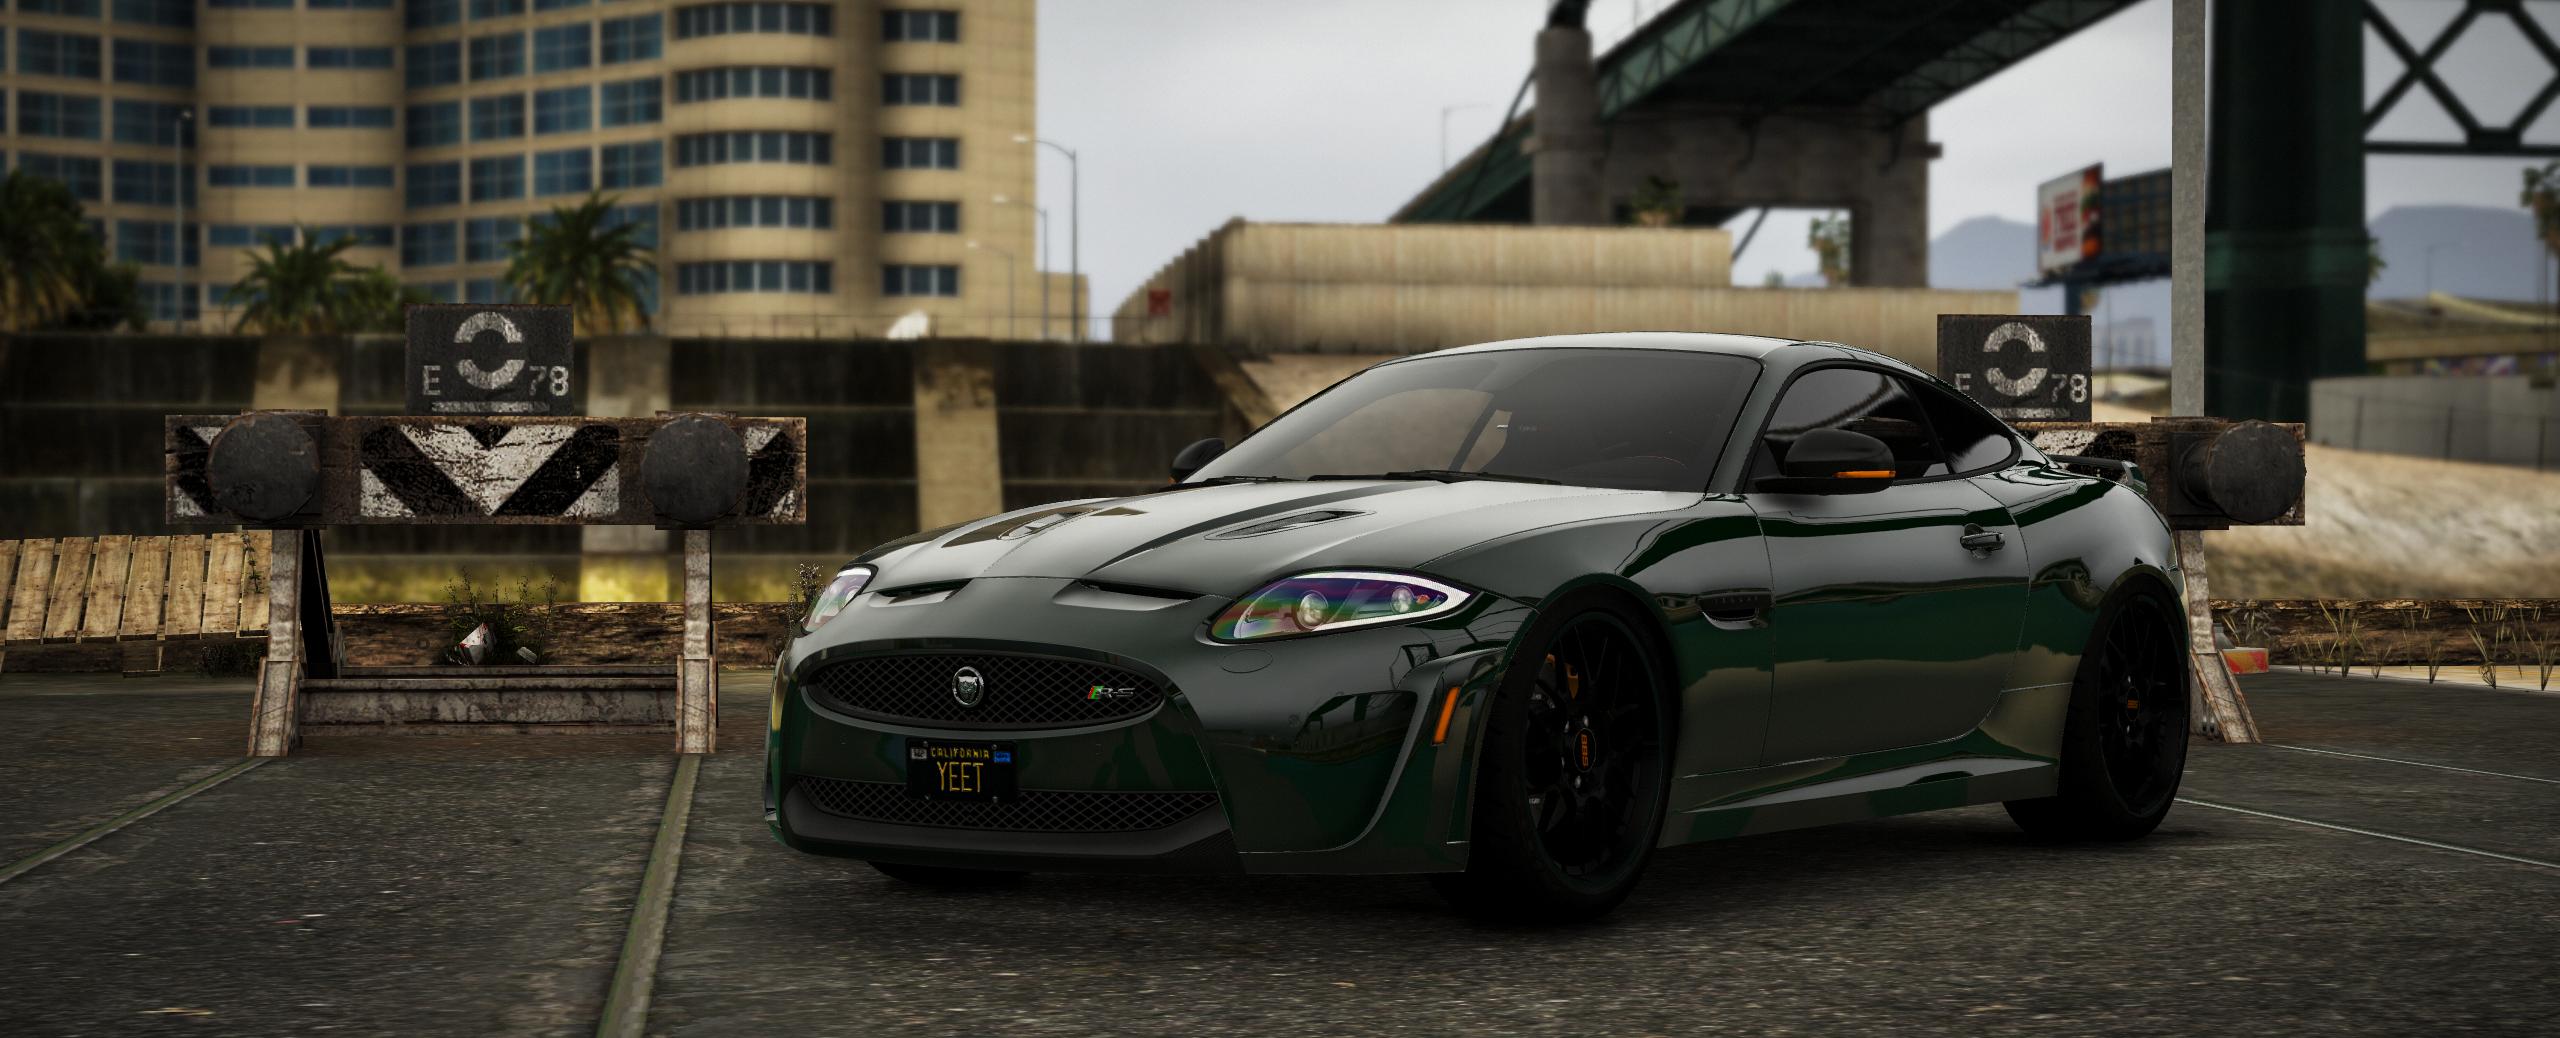 Grand_Theft_Auto_V_Screenshot_2018.05.23